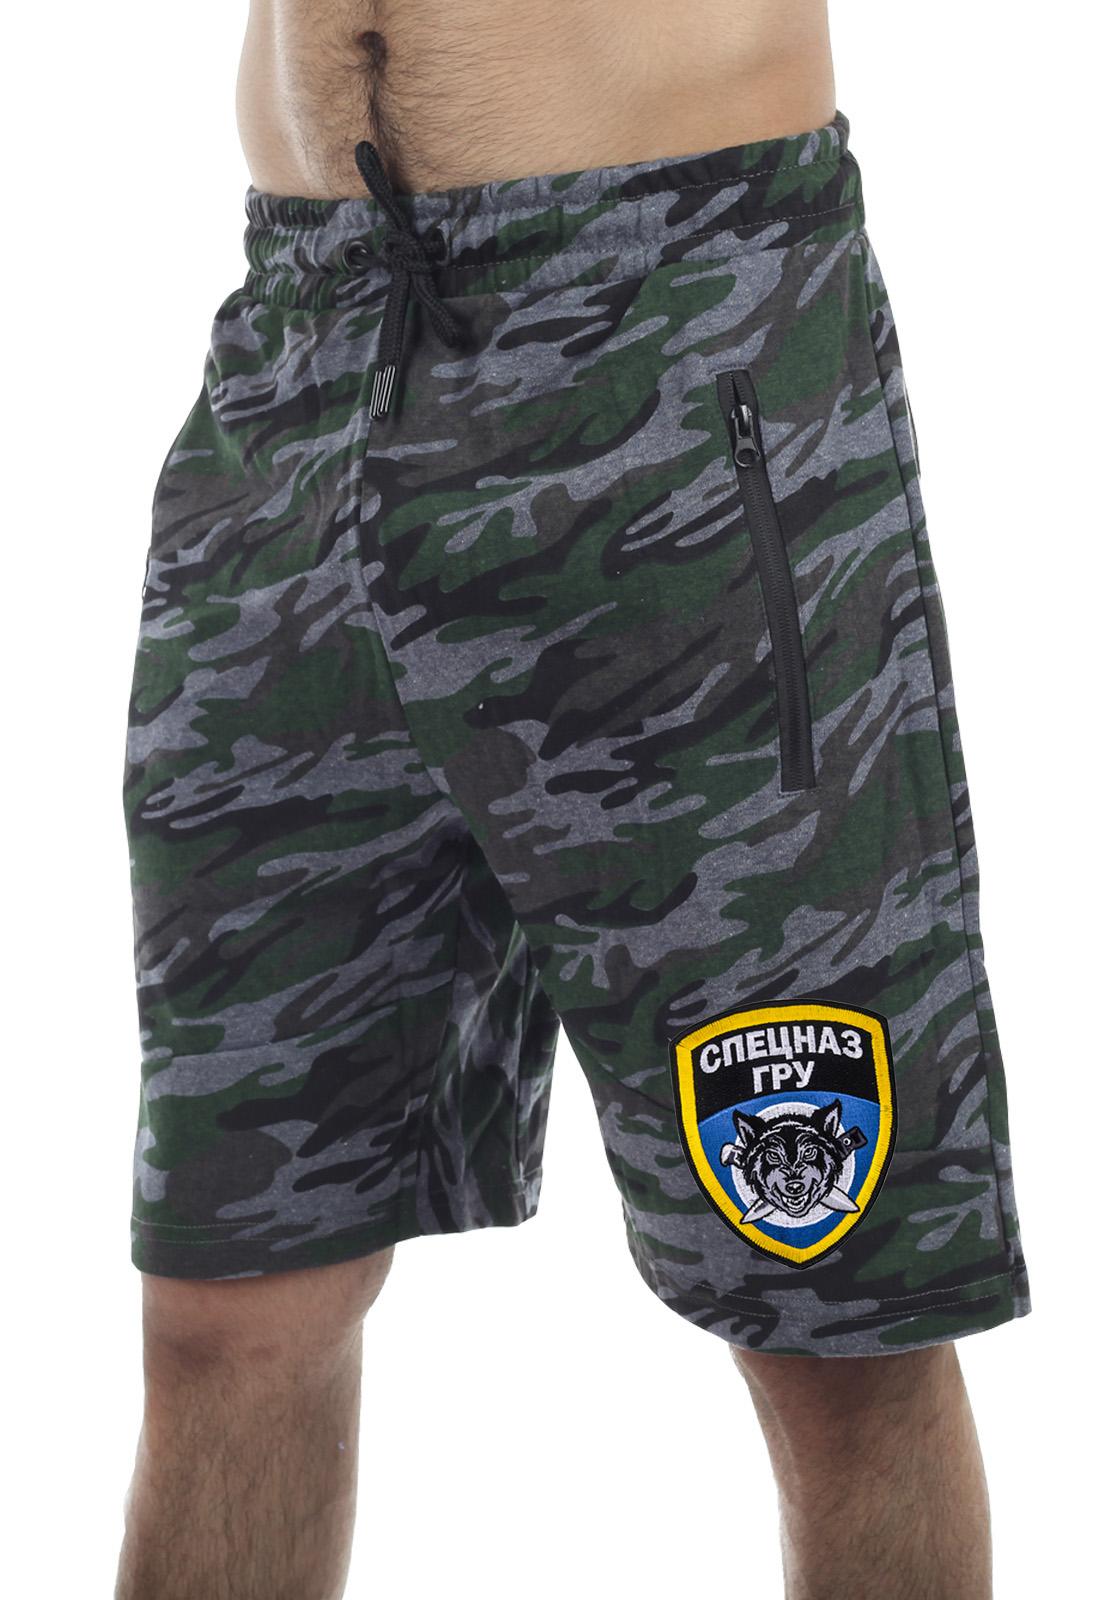 Камуфляжные шорты Спецназа ГРУ – и бойцам, и гражданским